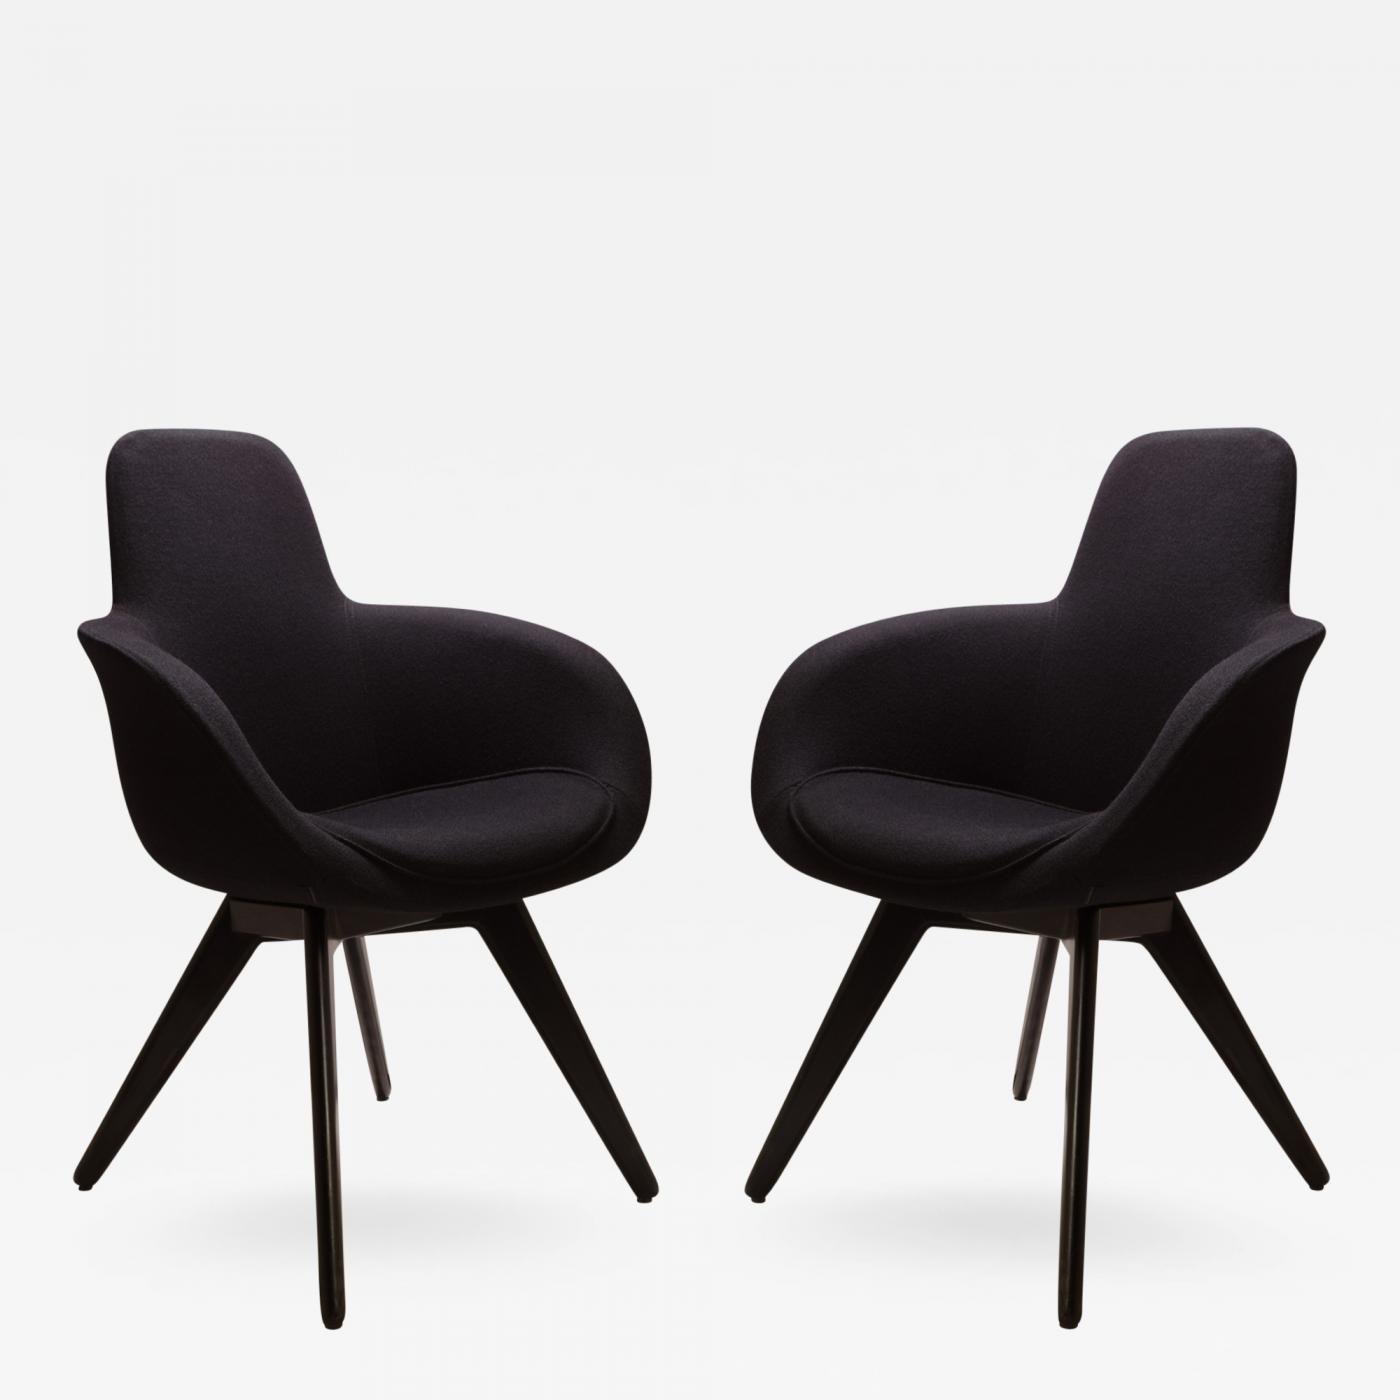 Scoop high chairs in black wool by tom dixon pair